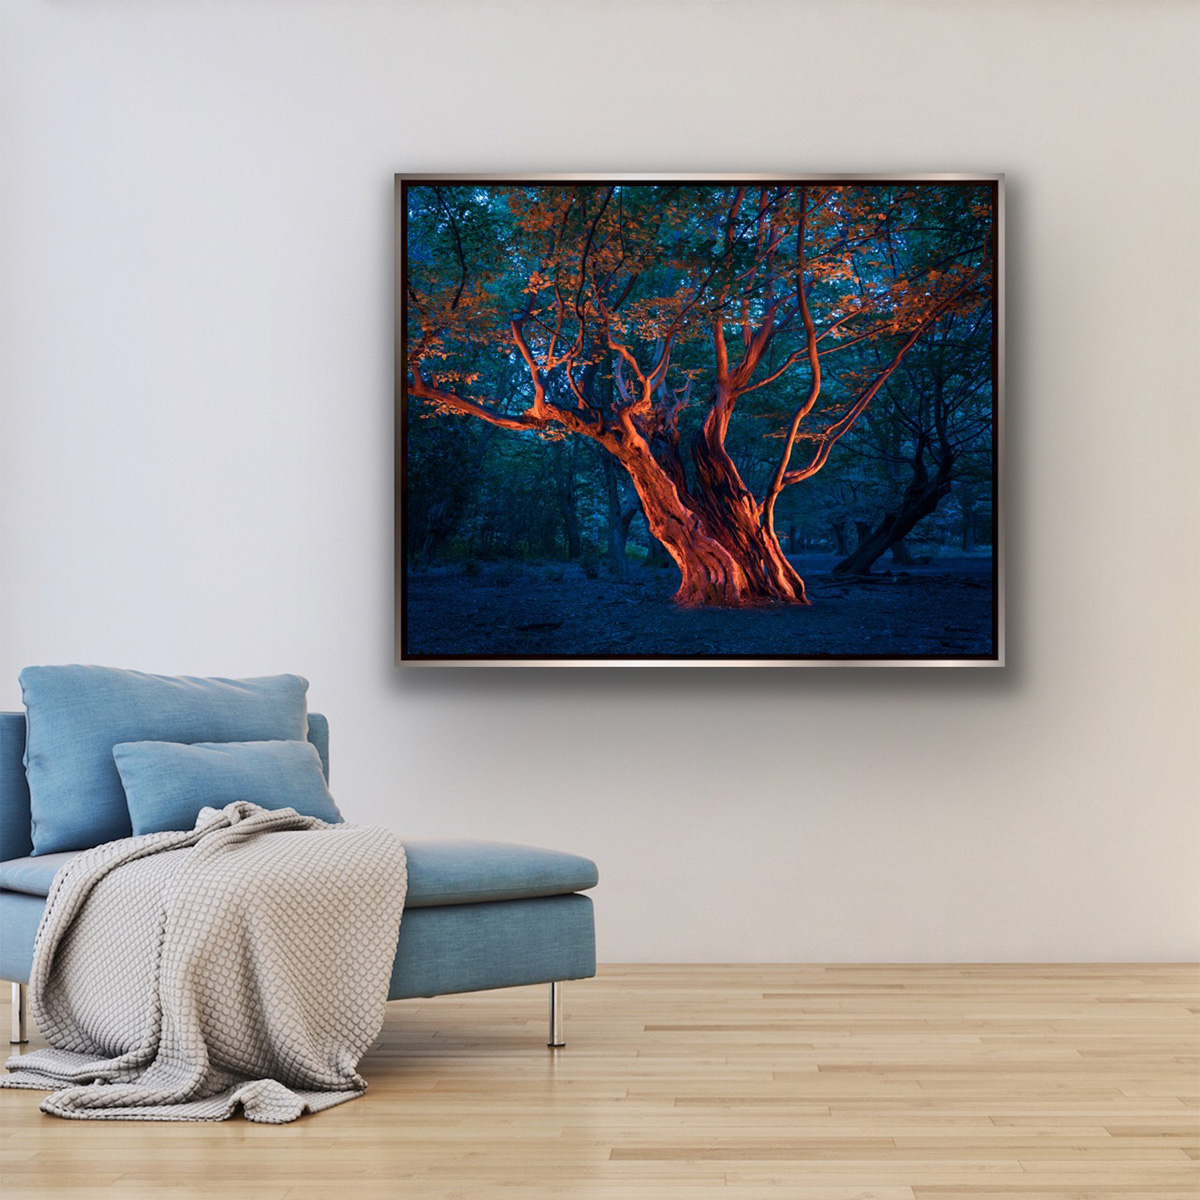 BRIAREUS by Grete Hjorth-Johansen, viewed in a room